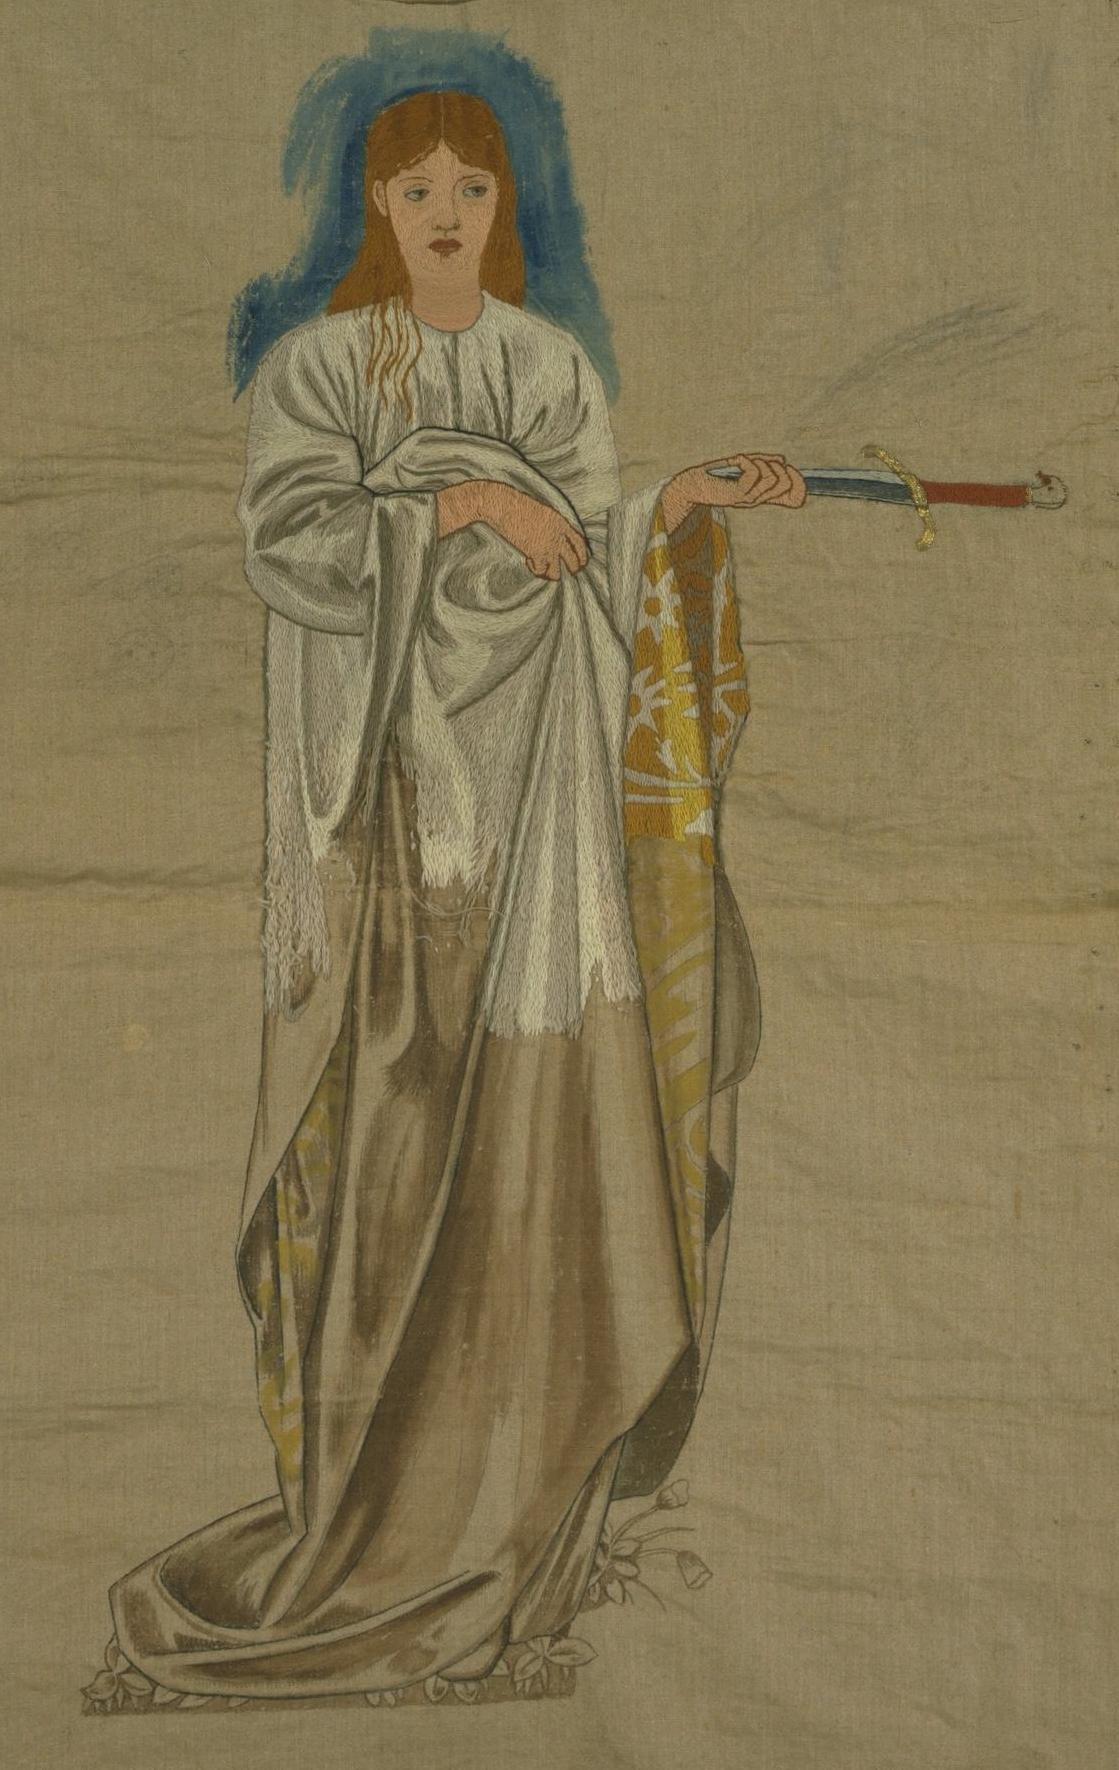 William Morris. Phyllis